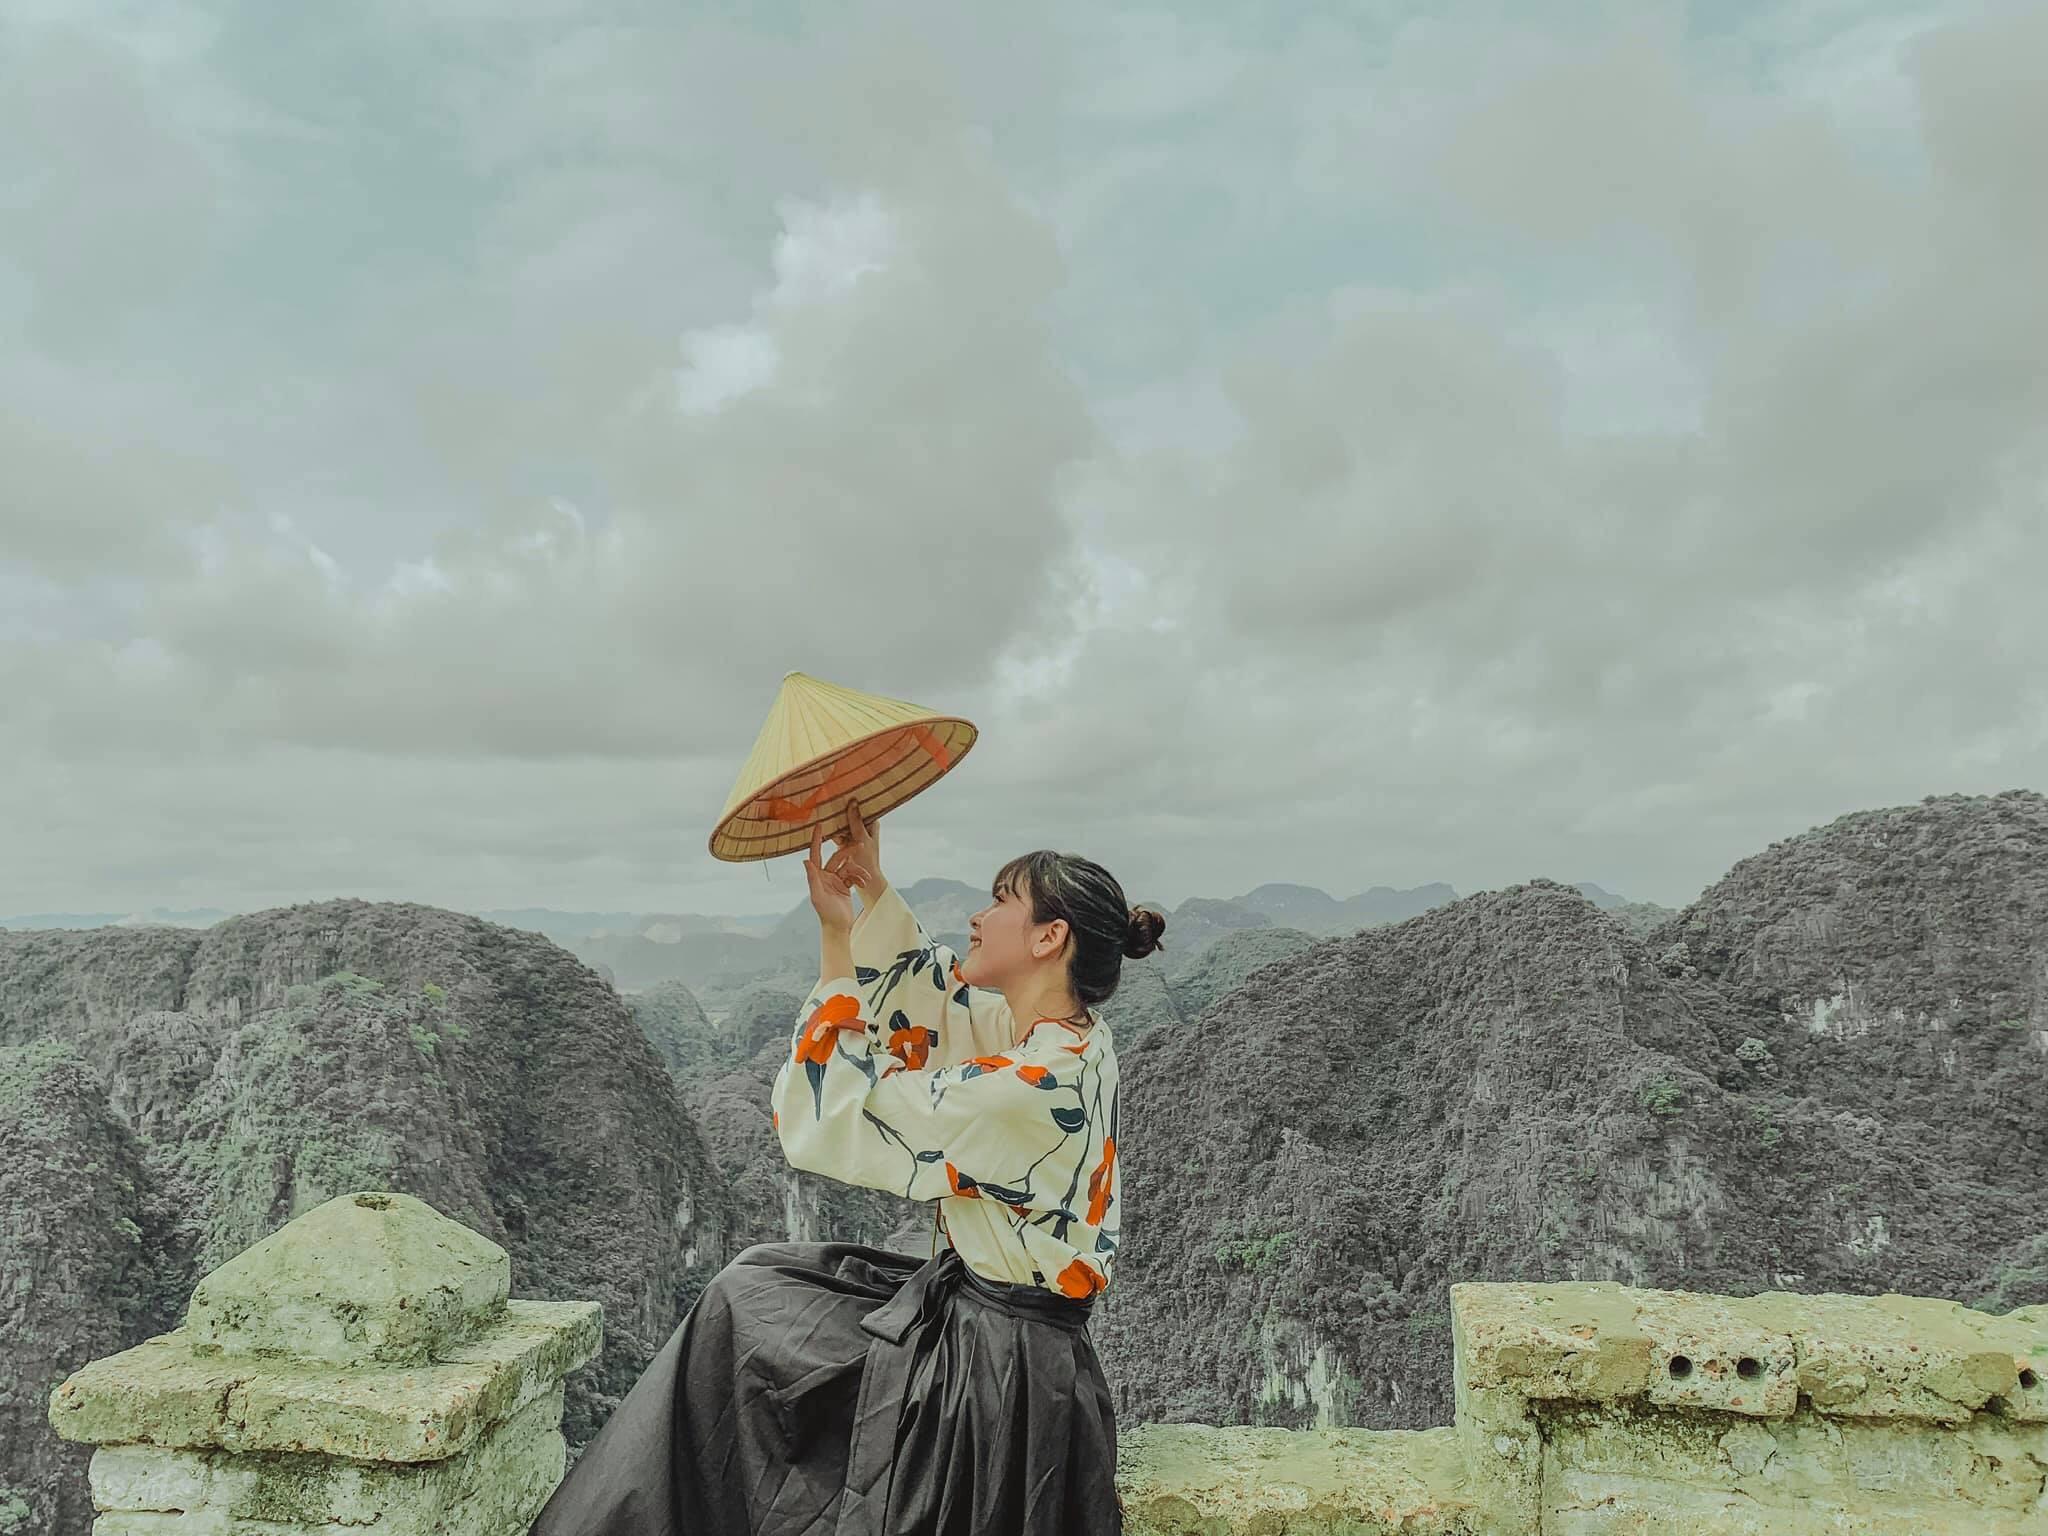 Review Ninh Bình 2N1Đ cho tận 5 điểm: Đan Viện Châu Sơn, Chùa Bái Đính, Đồi Dứa, Hang Múa và Tràng An)